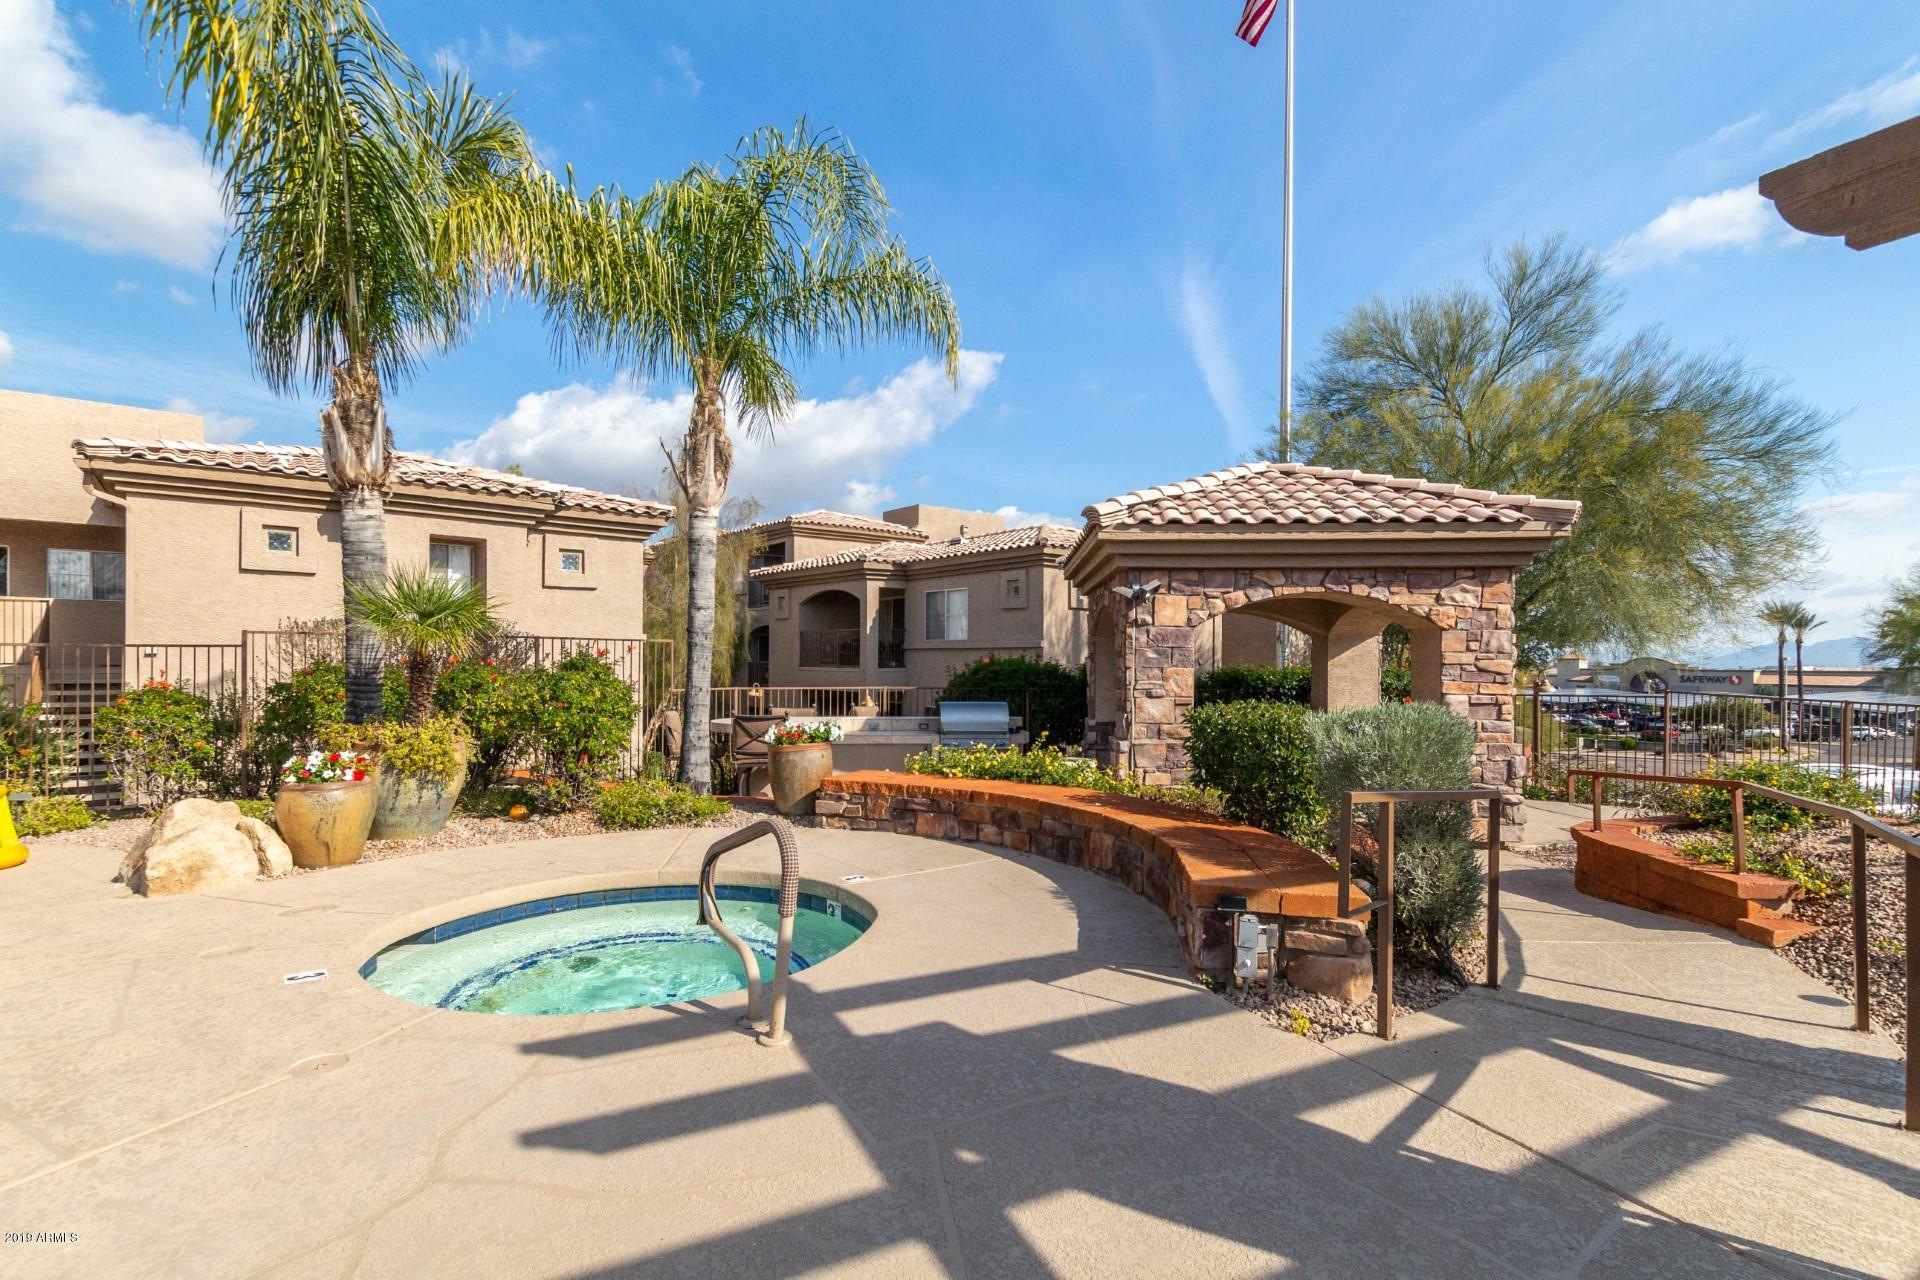 MLS 5870834 13700 N FOUNTAIN HILLS Boulevard Unit 117, Fountain Hills, AZ 85268 Fountain Hills AZ Affordable